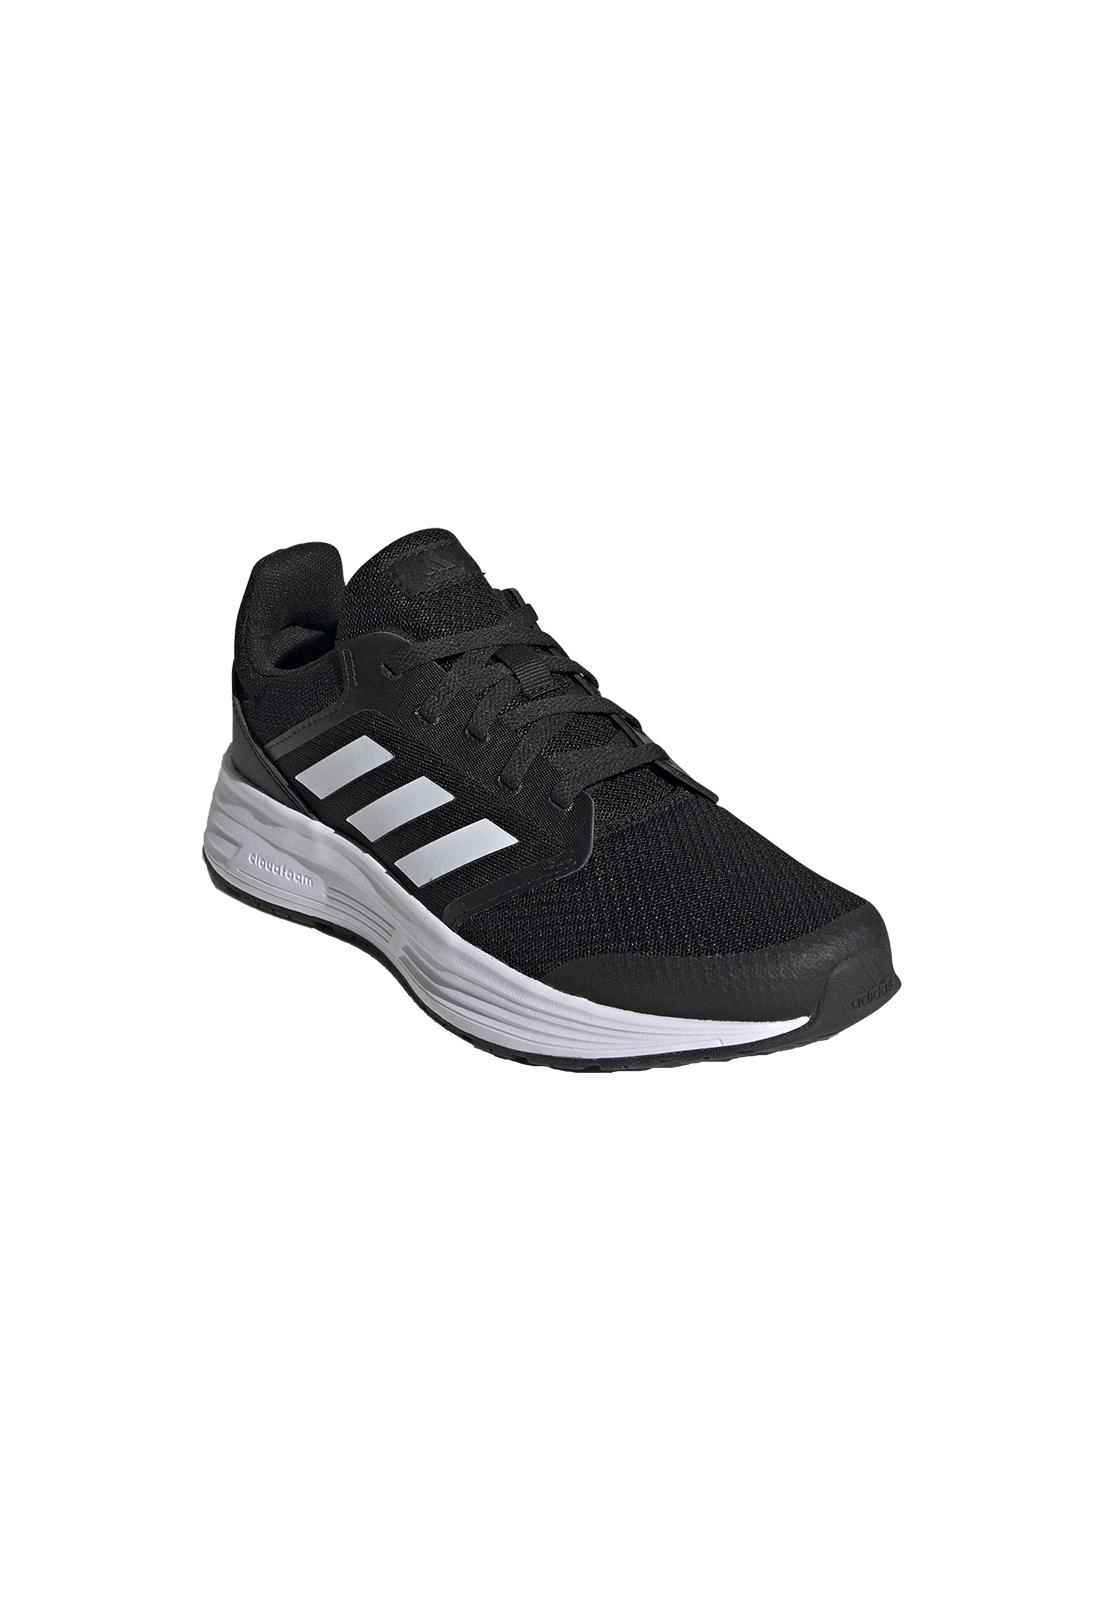 Tênis Adidas Galaxy 5 Preto e Branc